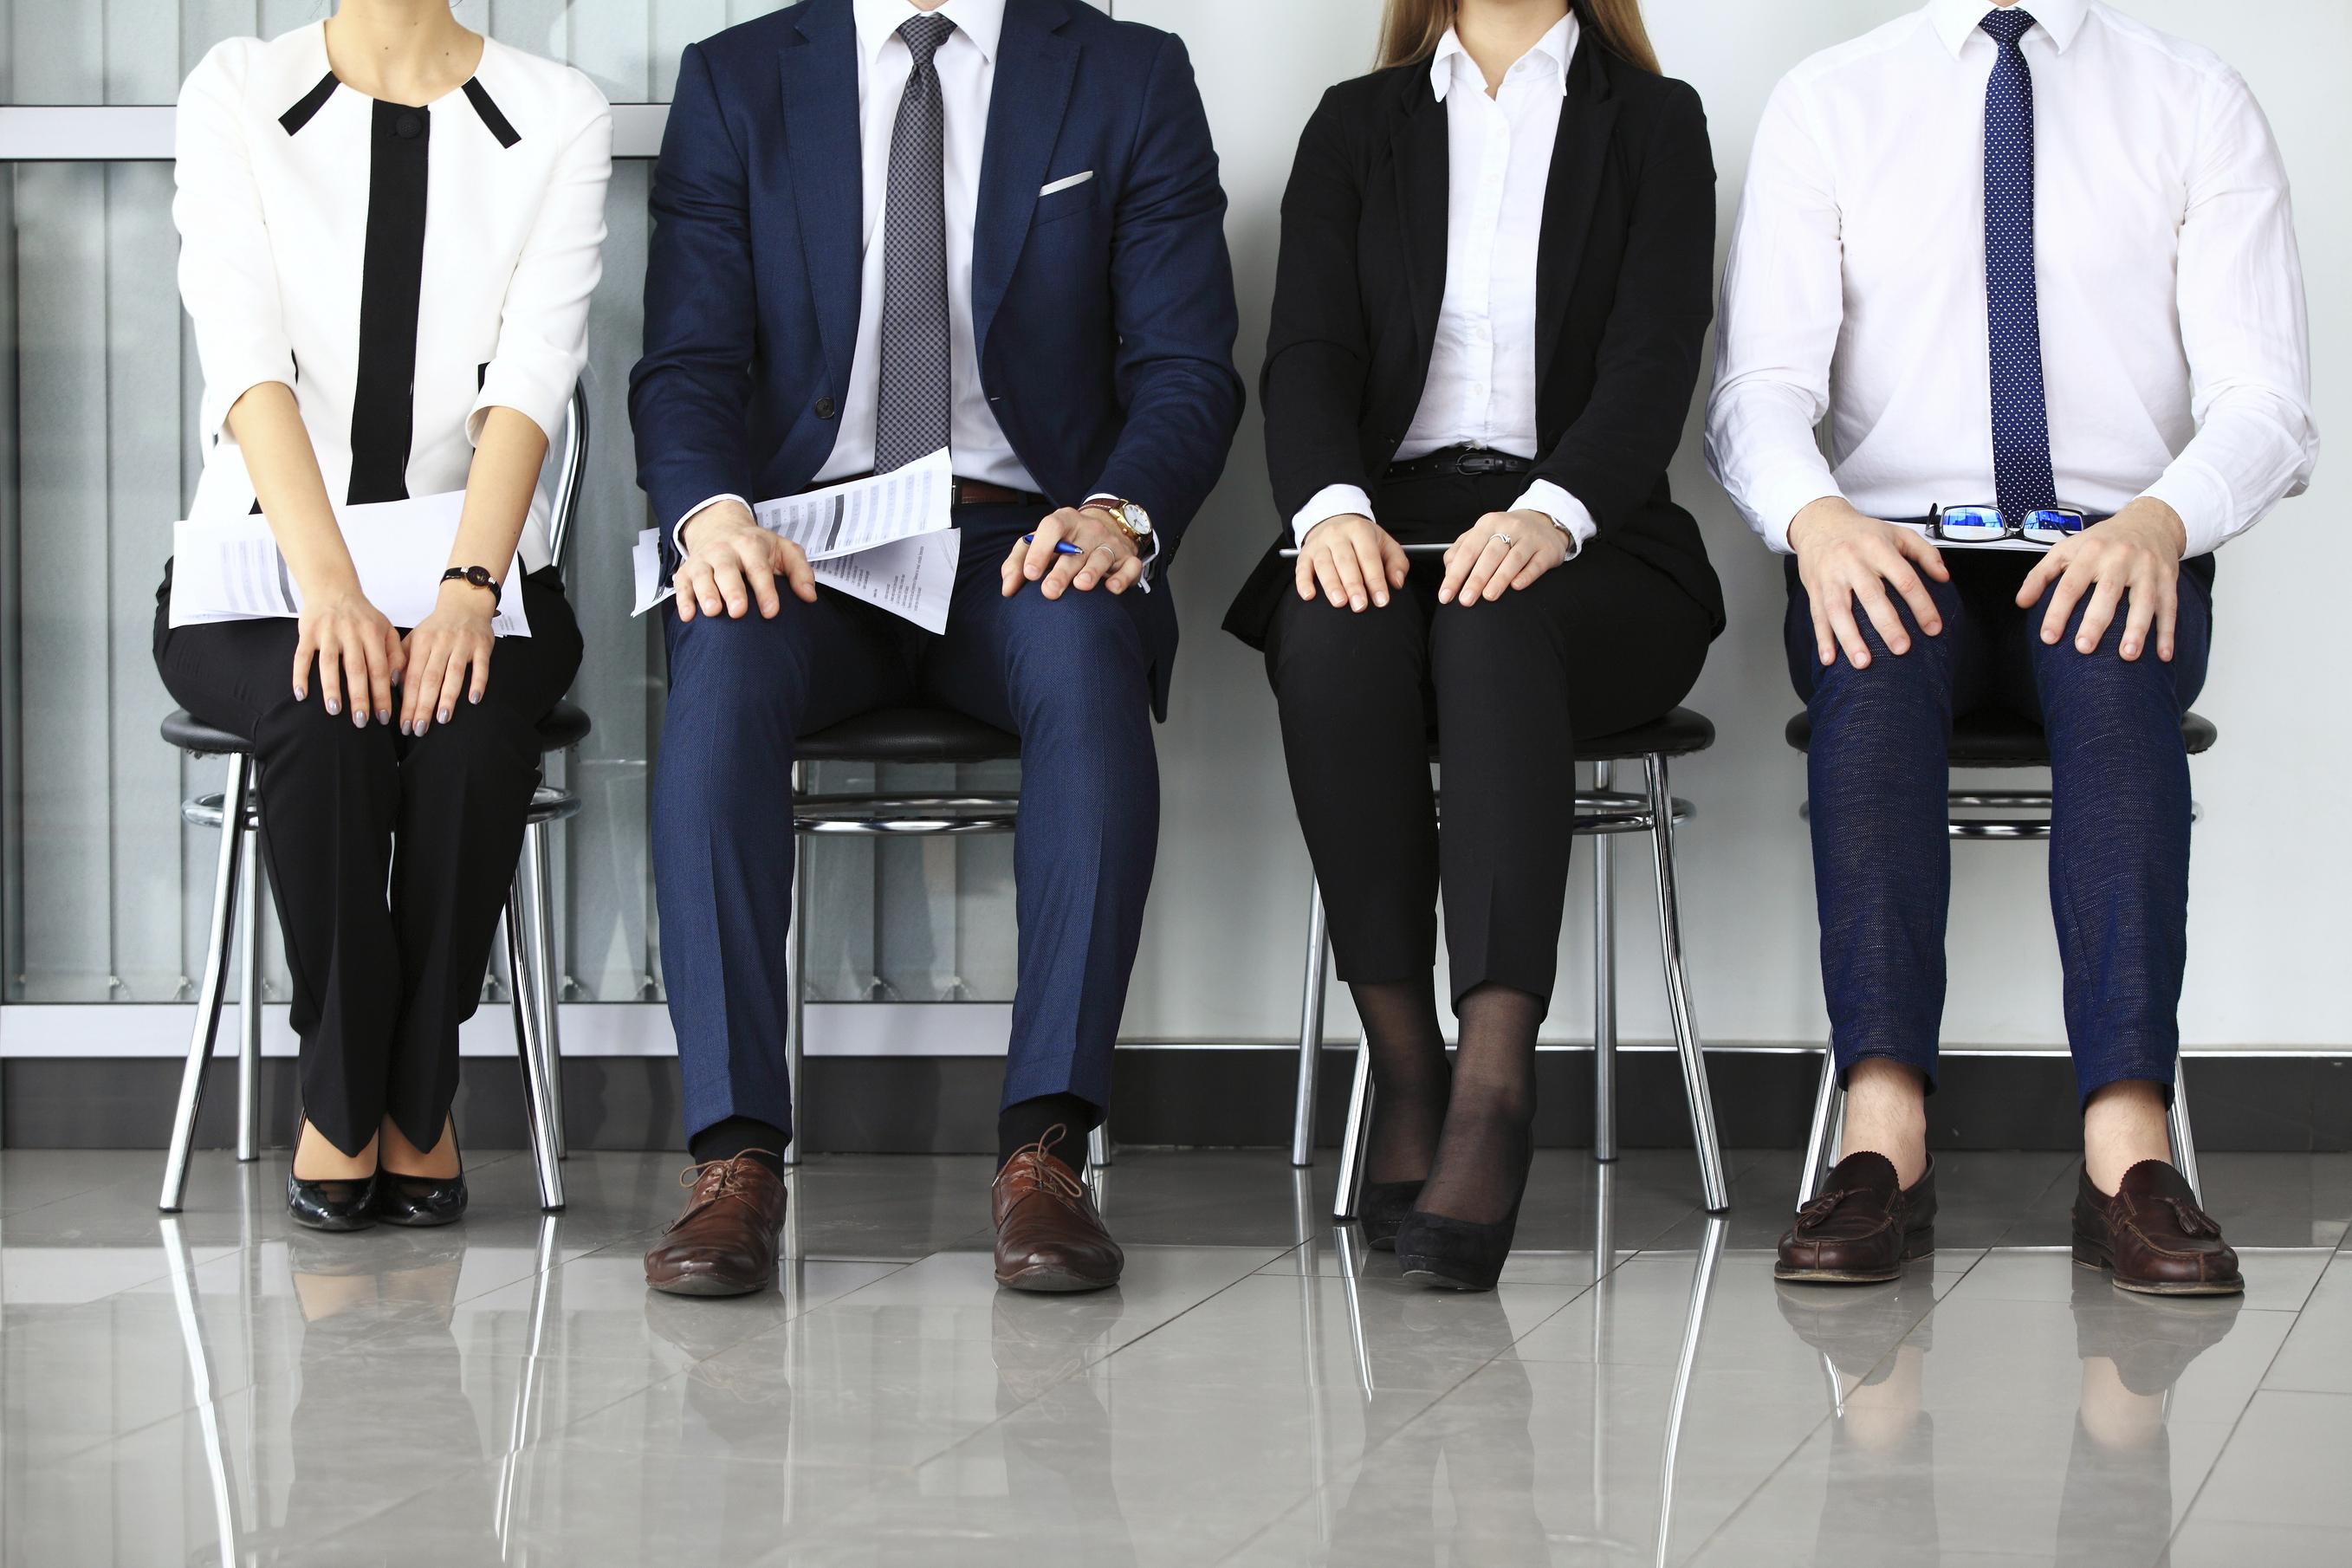 Quelle tenue adopter pour un entretien d'embauche